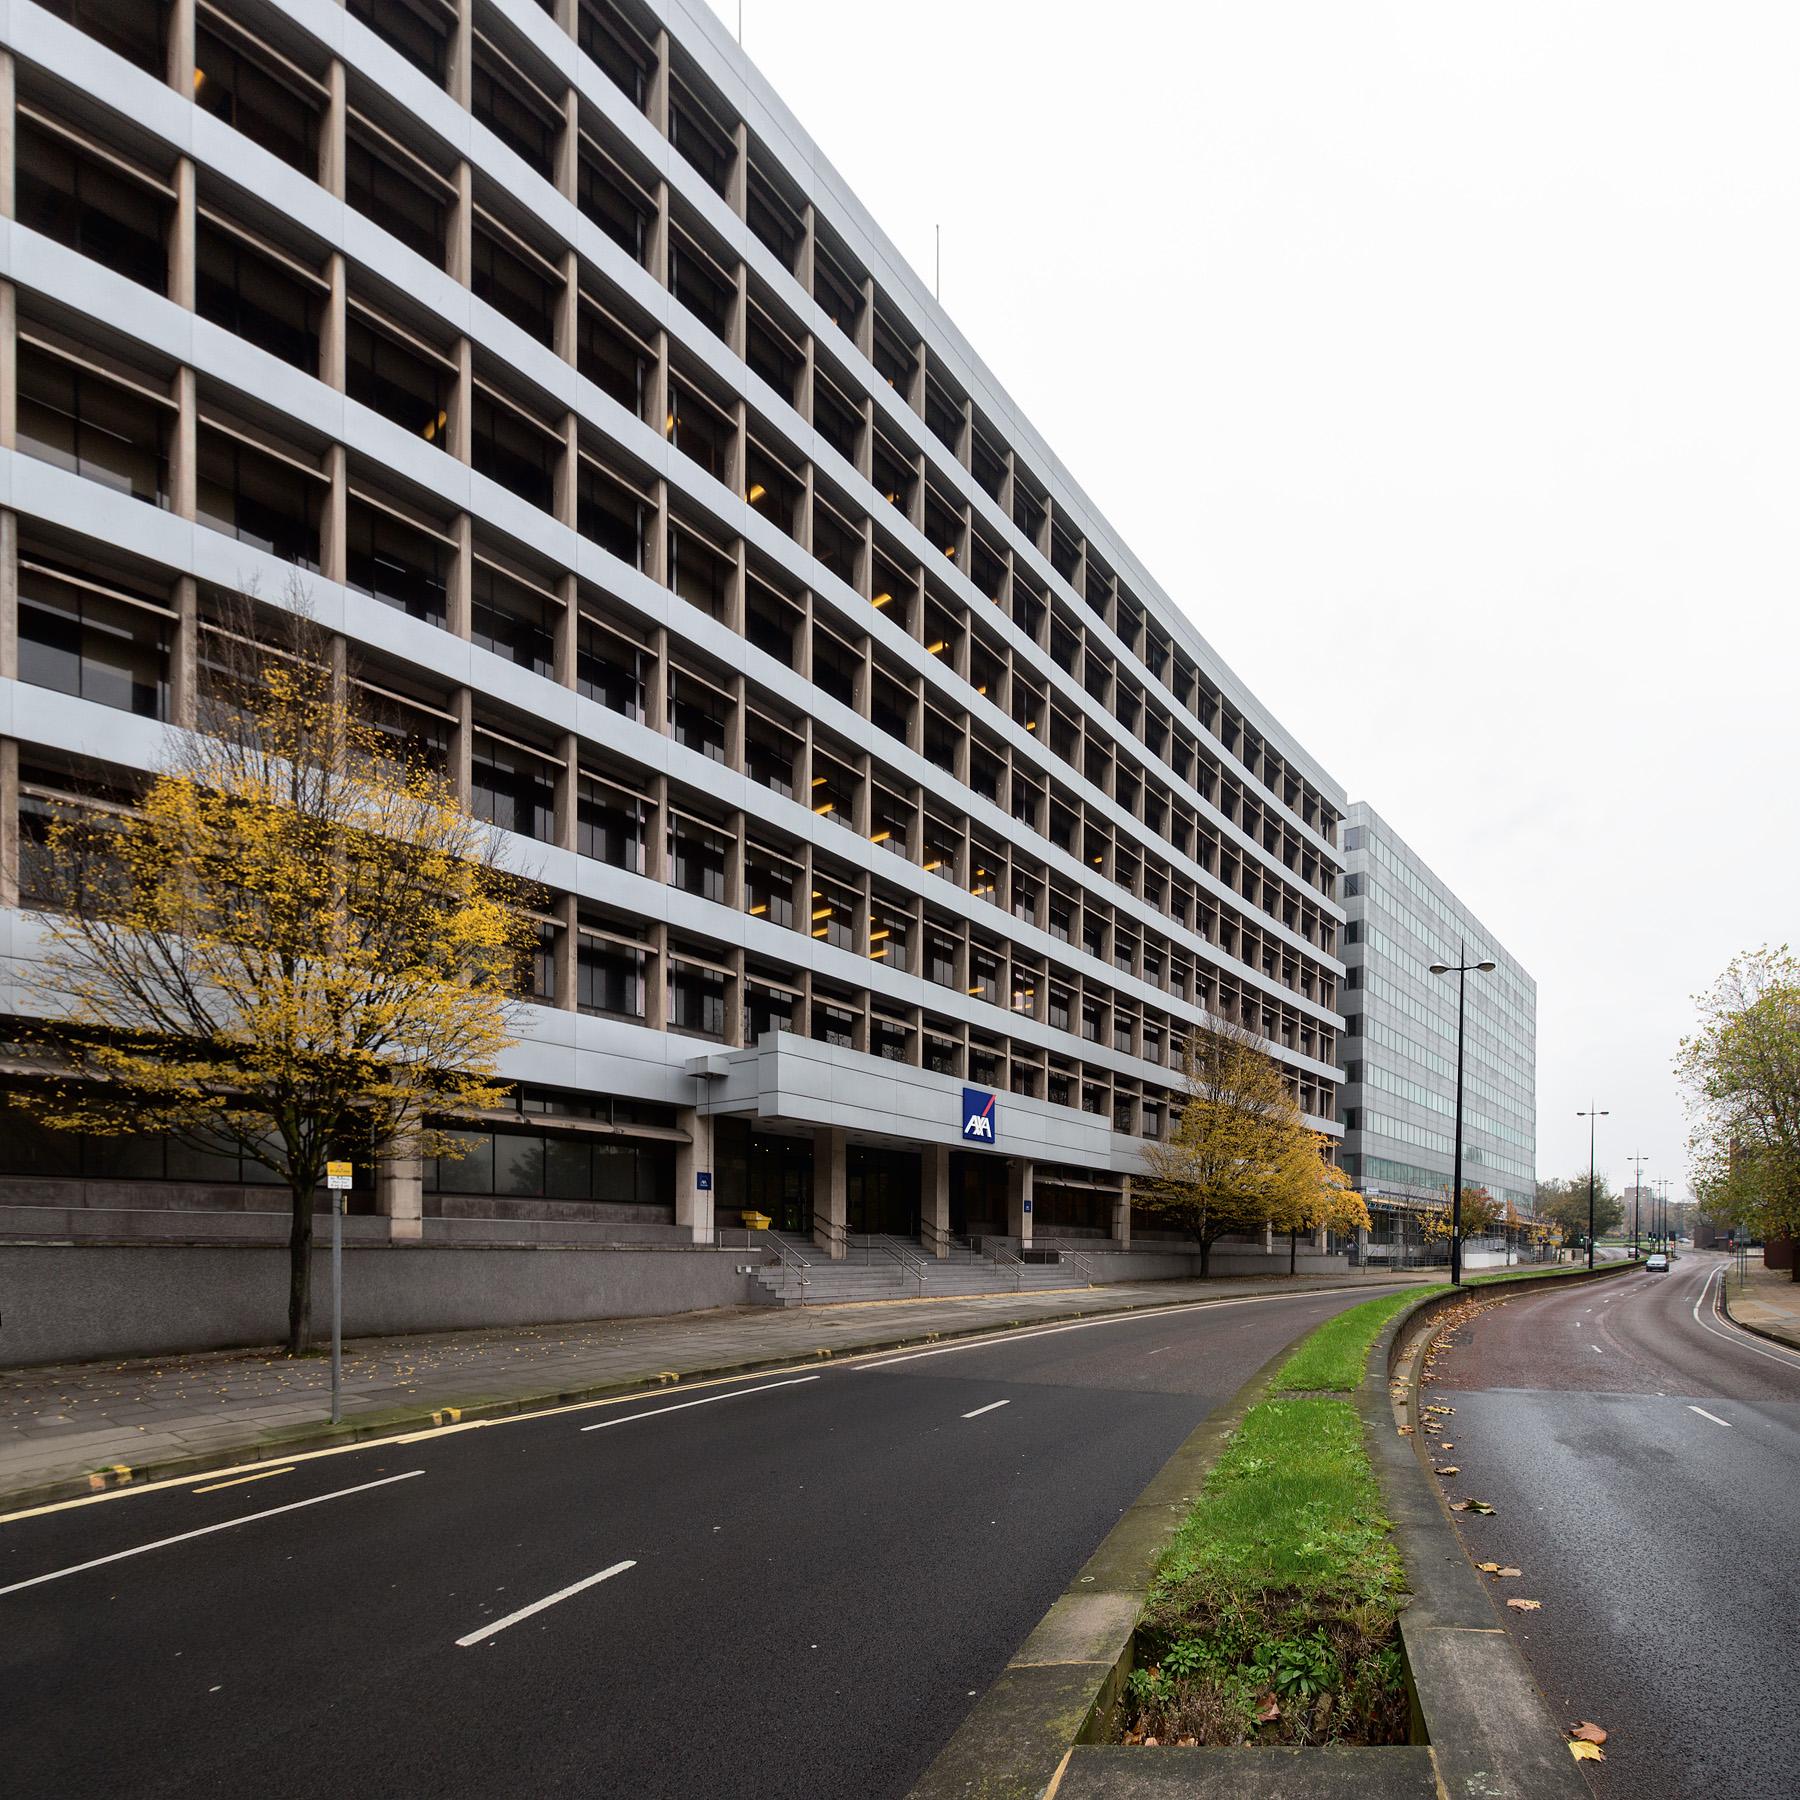 Axa building, Ipswich